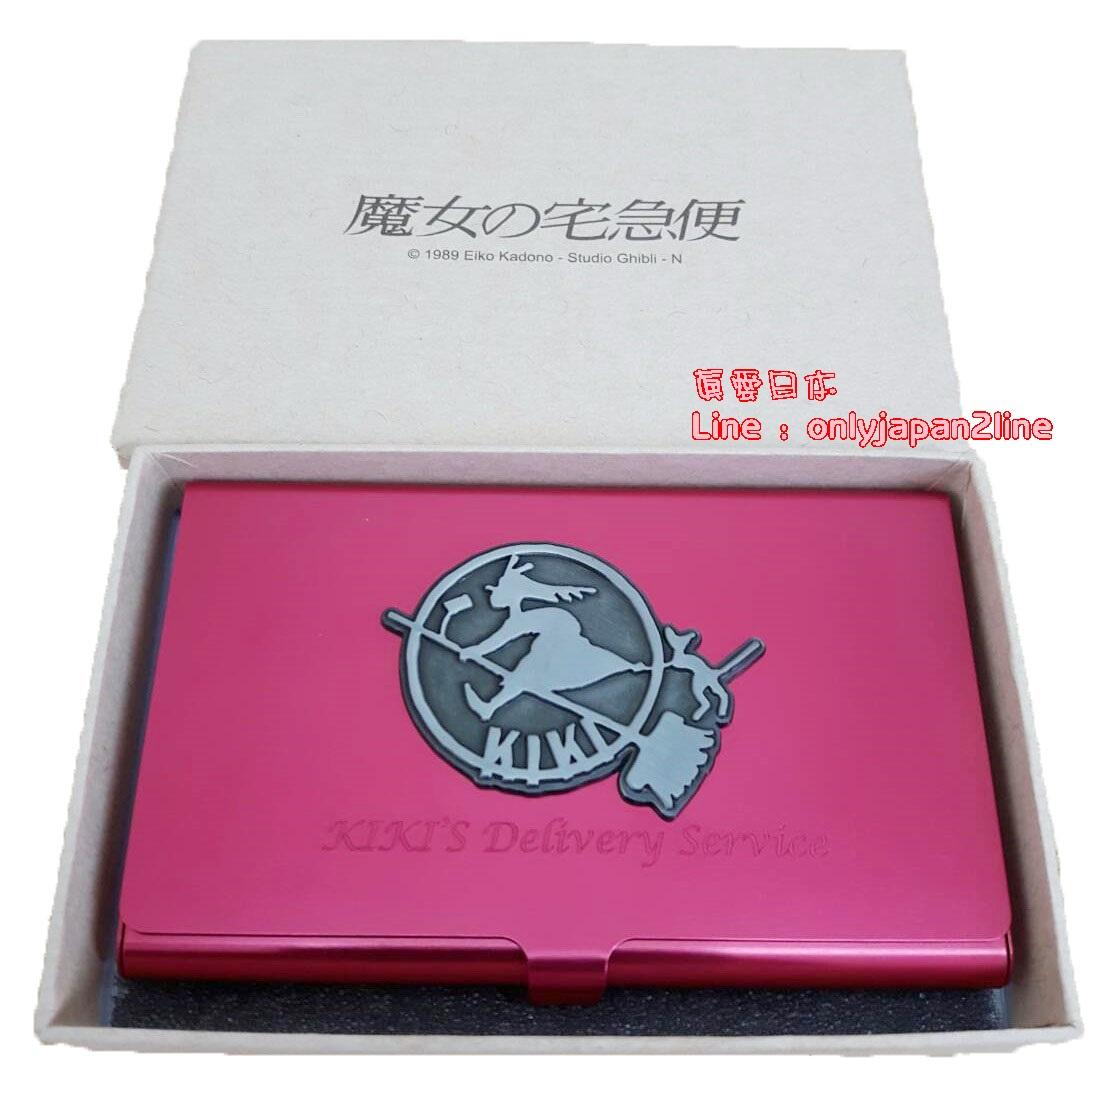 【真愛日本】16061000002 鐵製名片盒-琪琪飛天徽章桃 魔女宅急便 宮崎駿 名片盒 名片夾 收納 生活用品